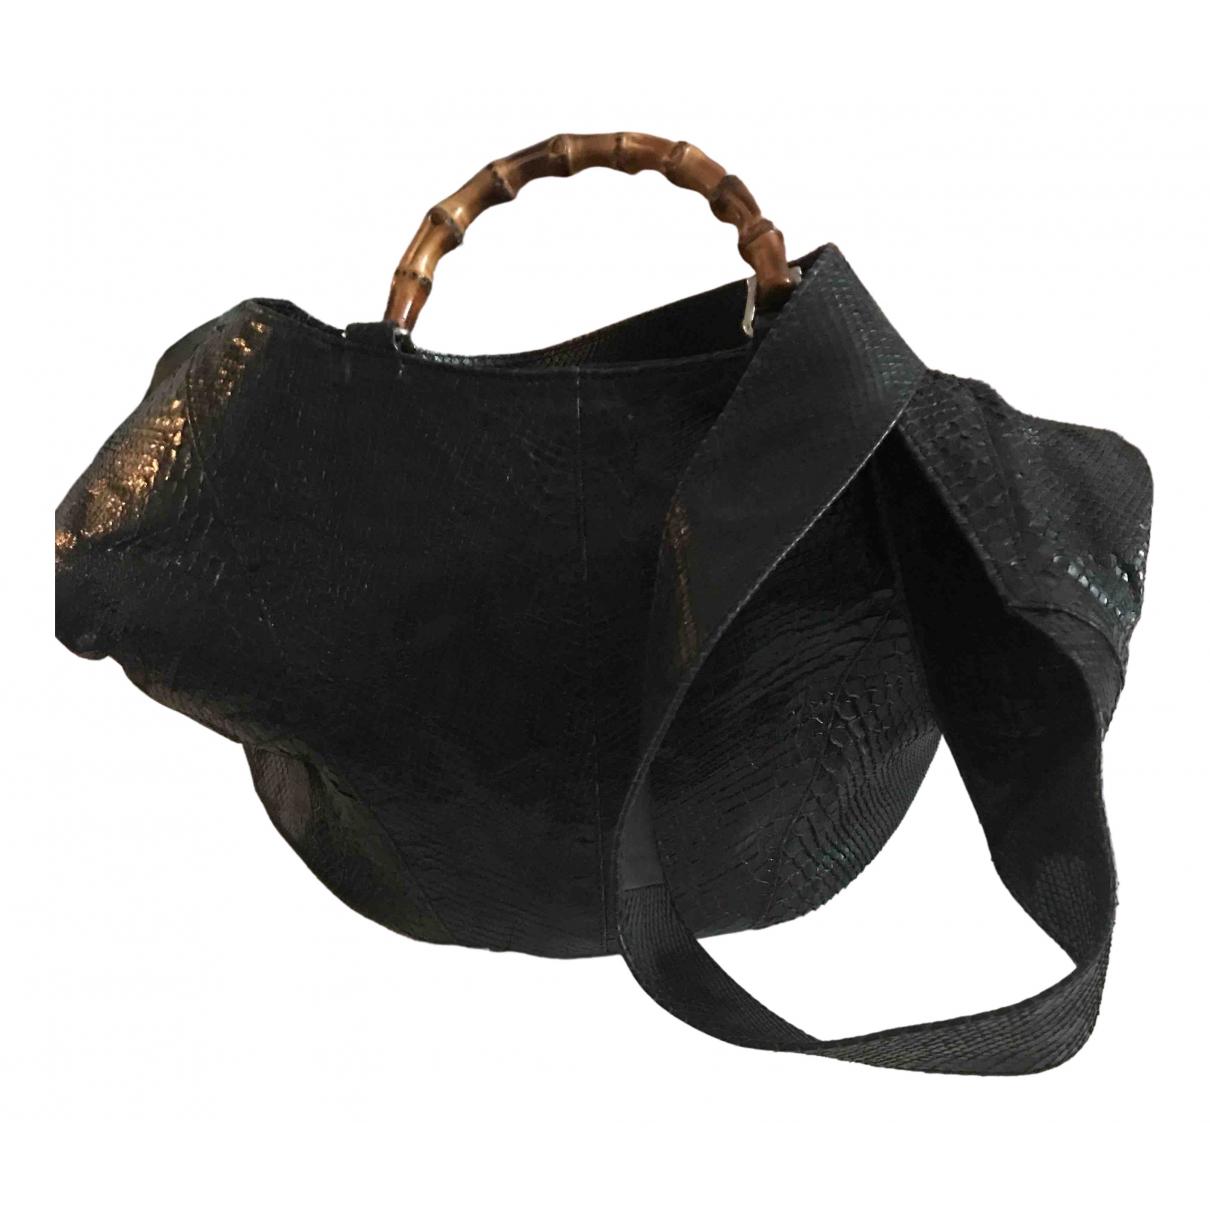 Gucci Bamboo Handtasche in  Schwarz Python